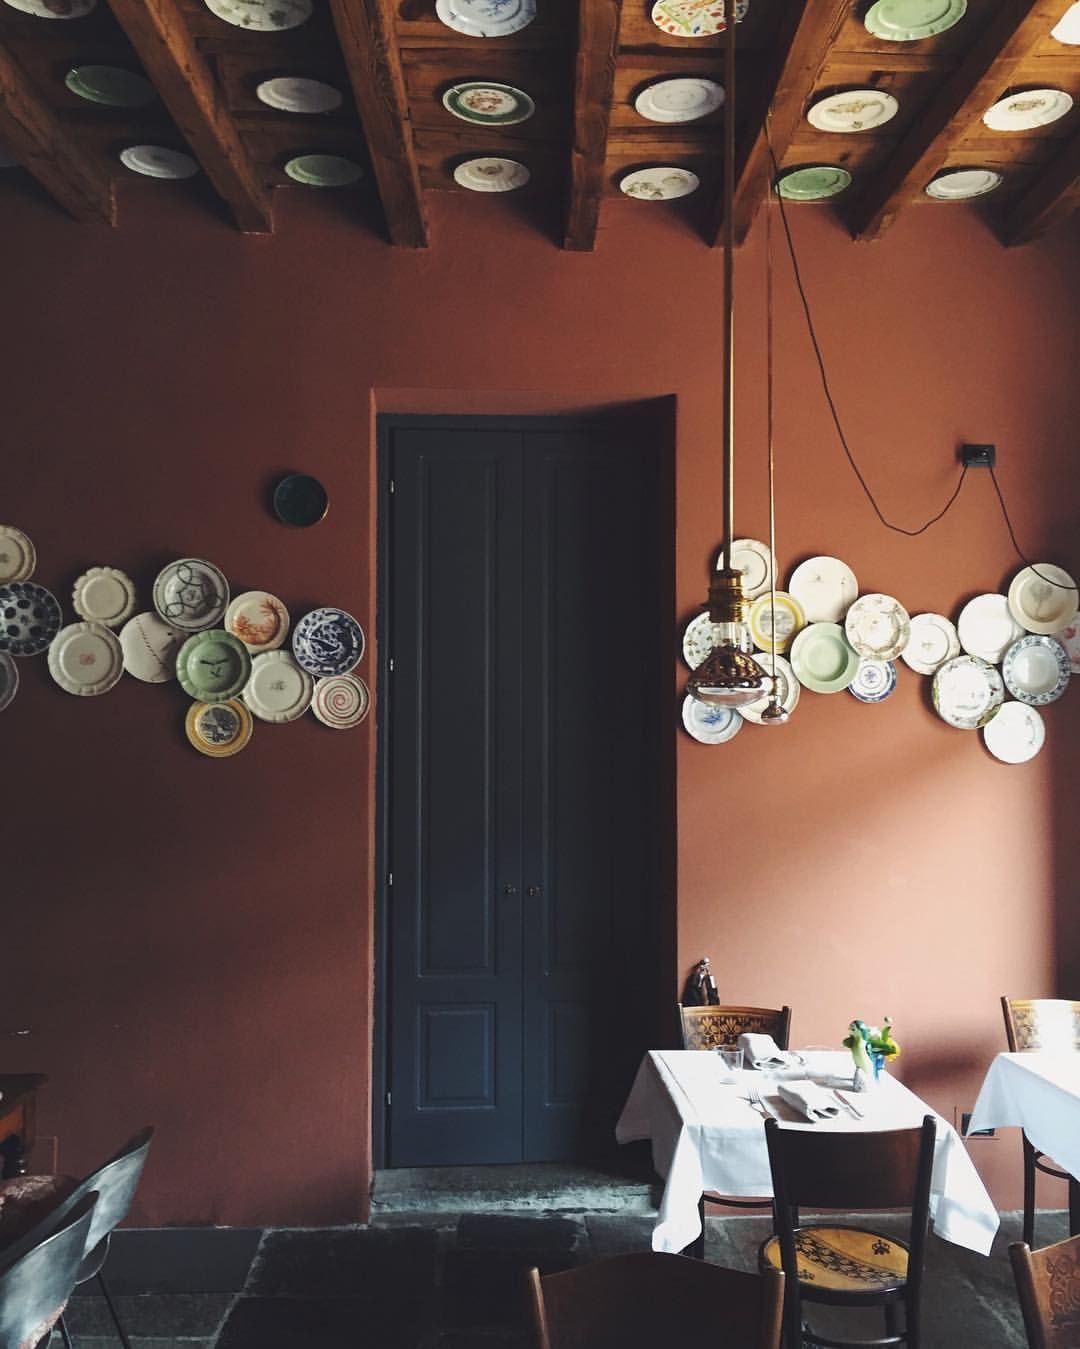 Ristorante bugande in milano navigli milan gallery for Home decor milano